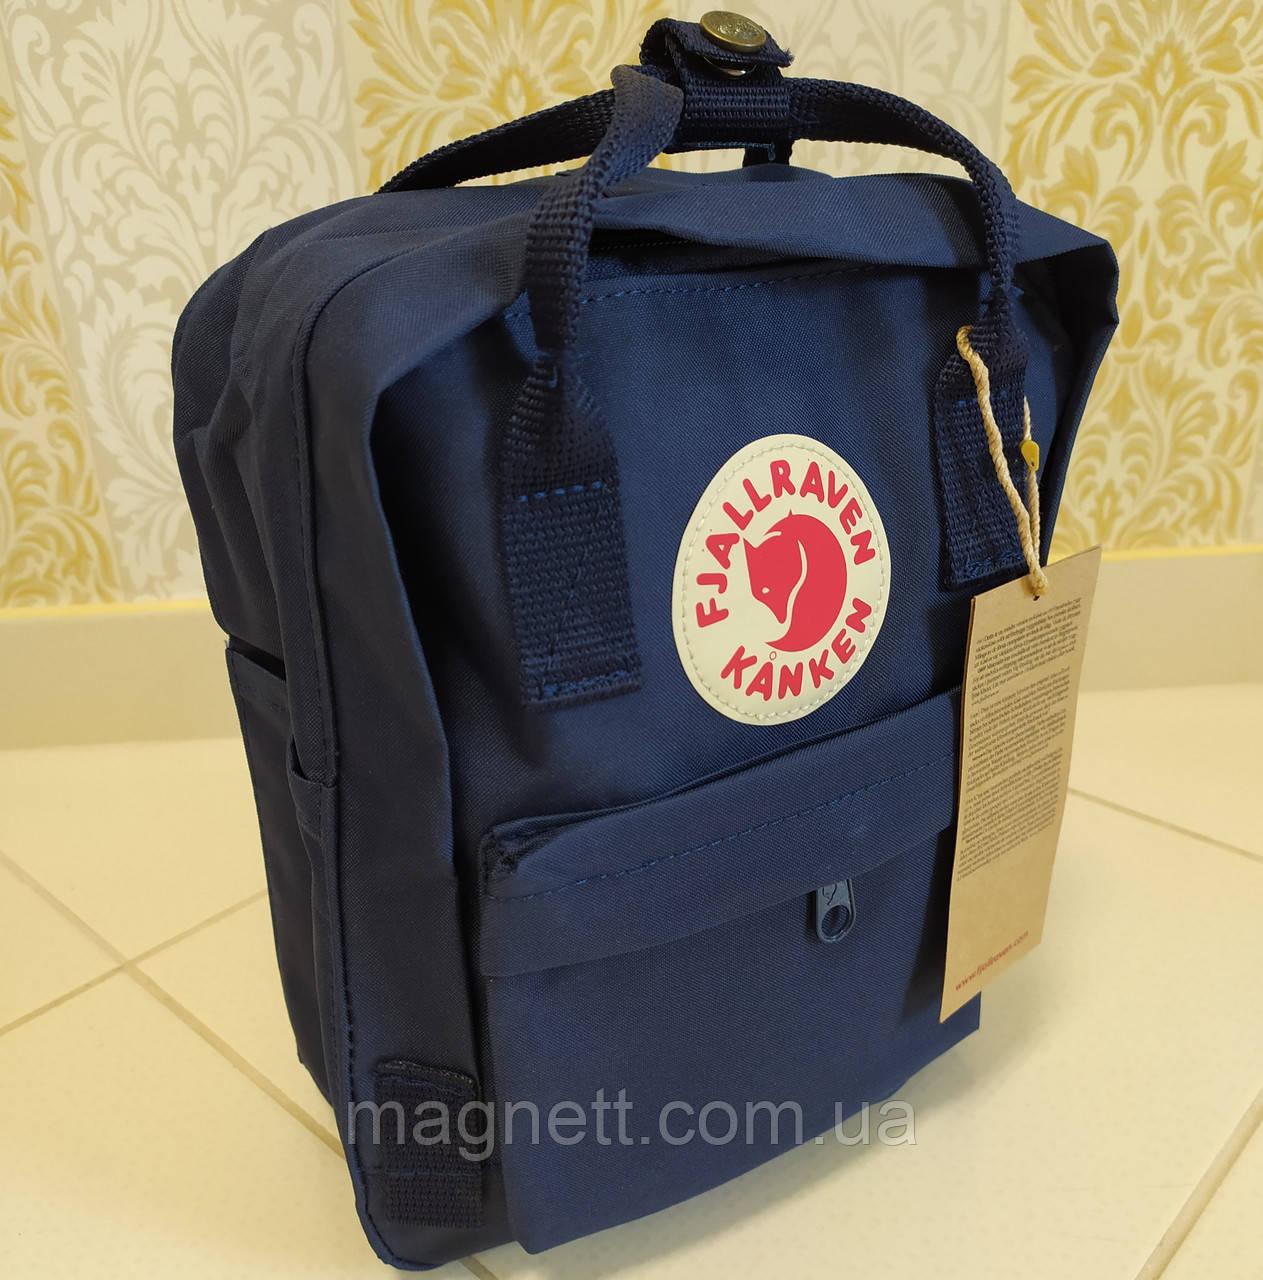 Рюкзак FJALLRAVEN Kanken Mini для дітей і дорослих 27x22x9 (темно-синій)